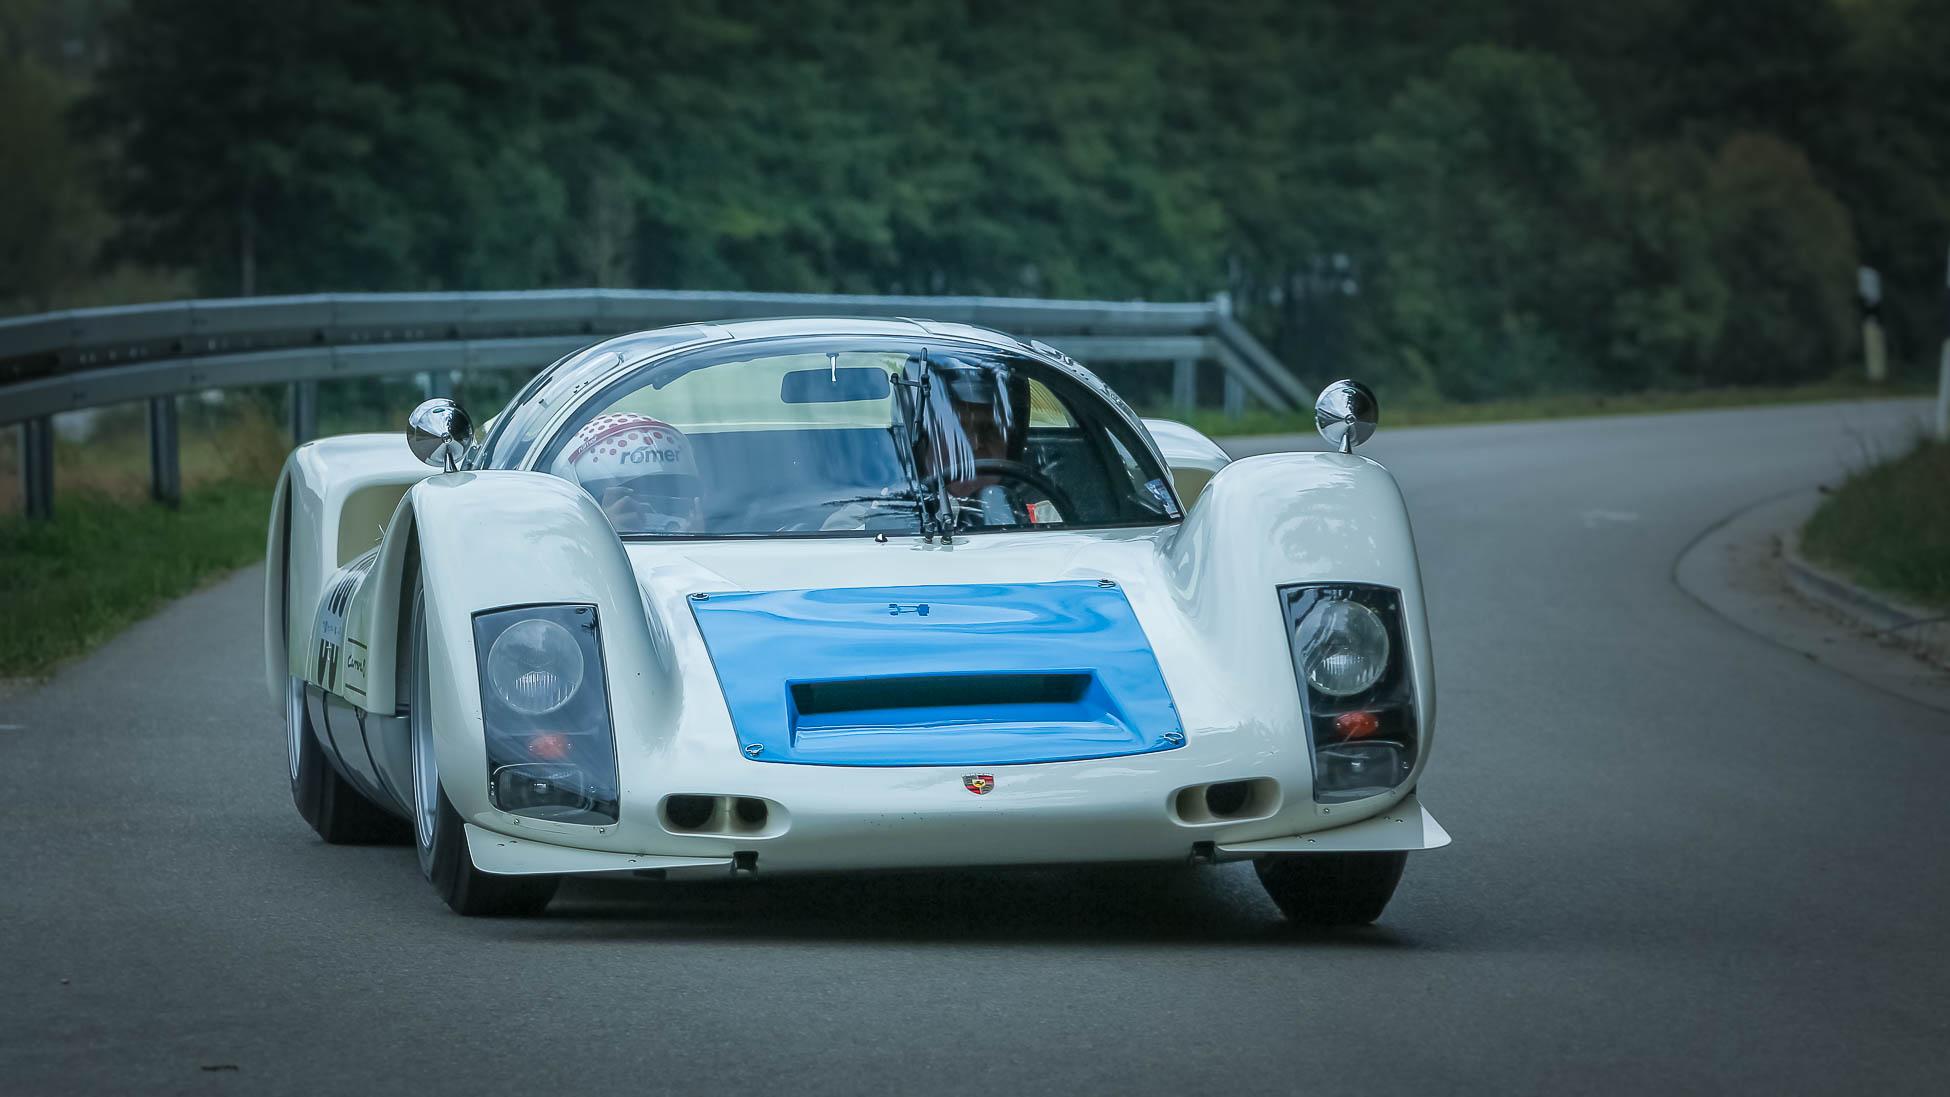 Porsche 906 1967, 2000 ccm Robert Jung, Aichach